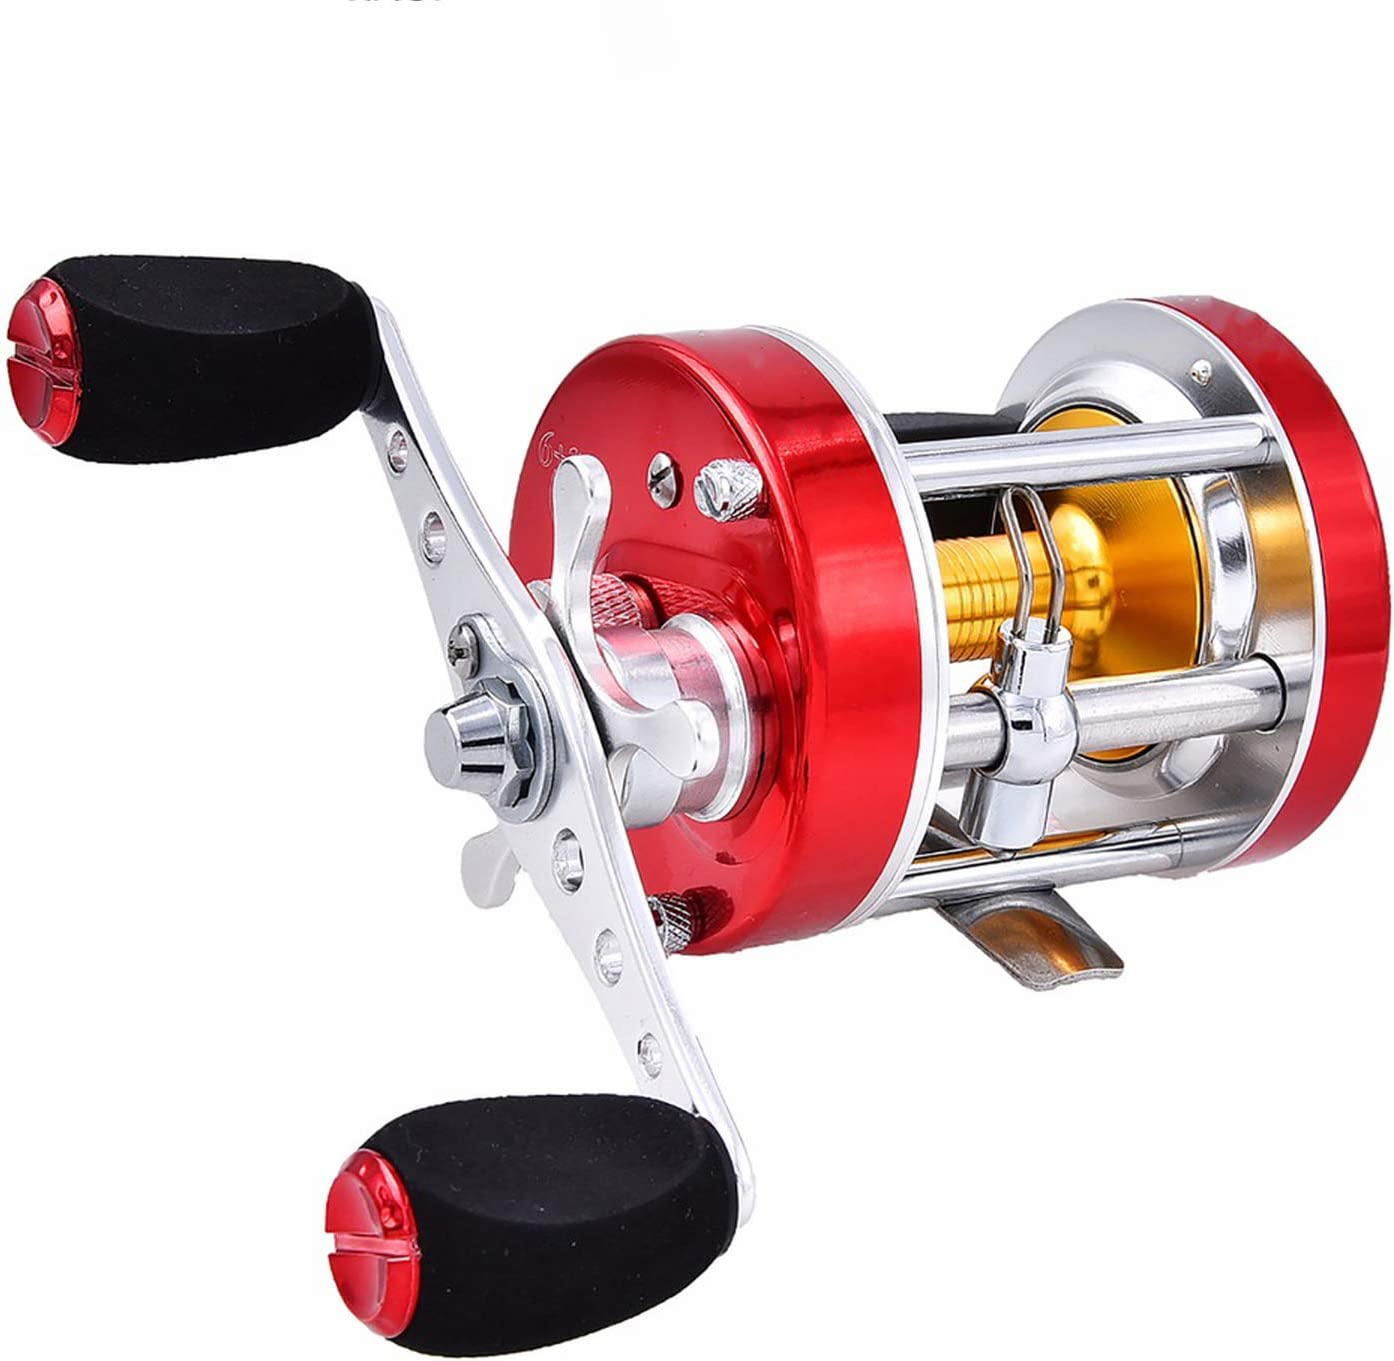 6+1 Baitcasting Wheel Drum Reel Ocean Trolling Fishing Stainless Steel Bearing